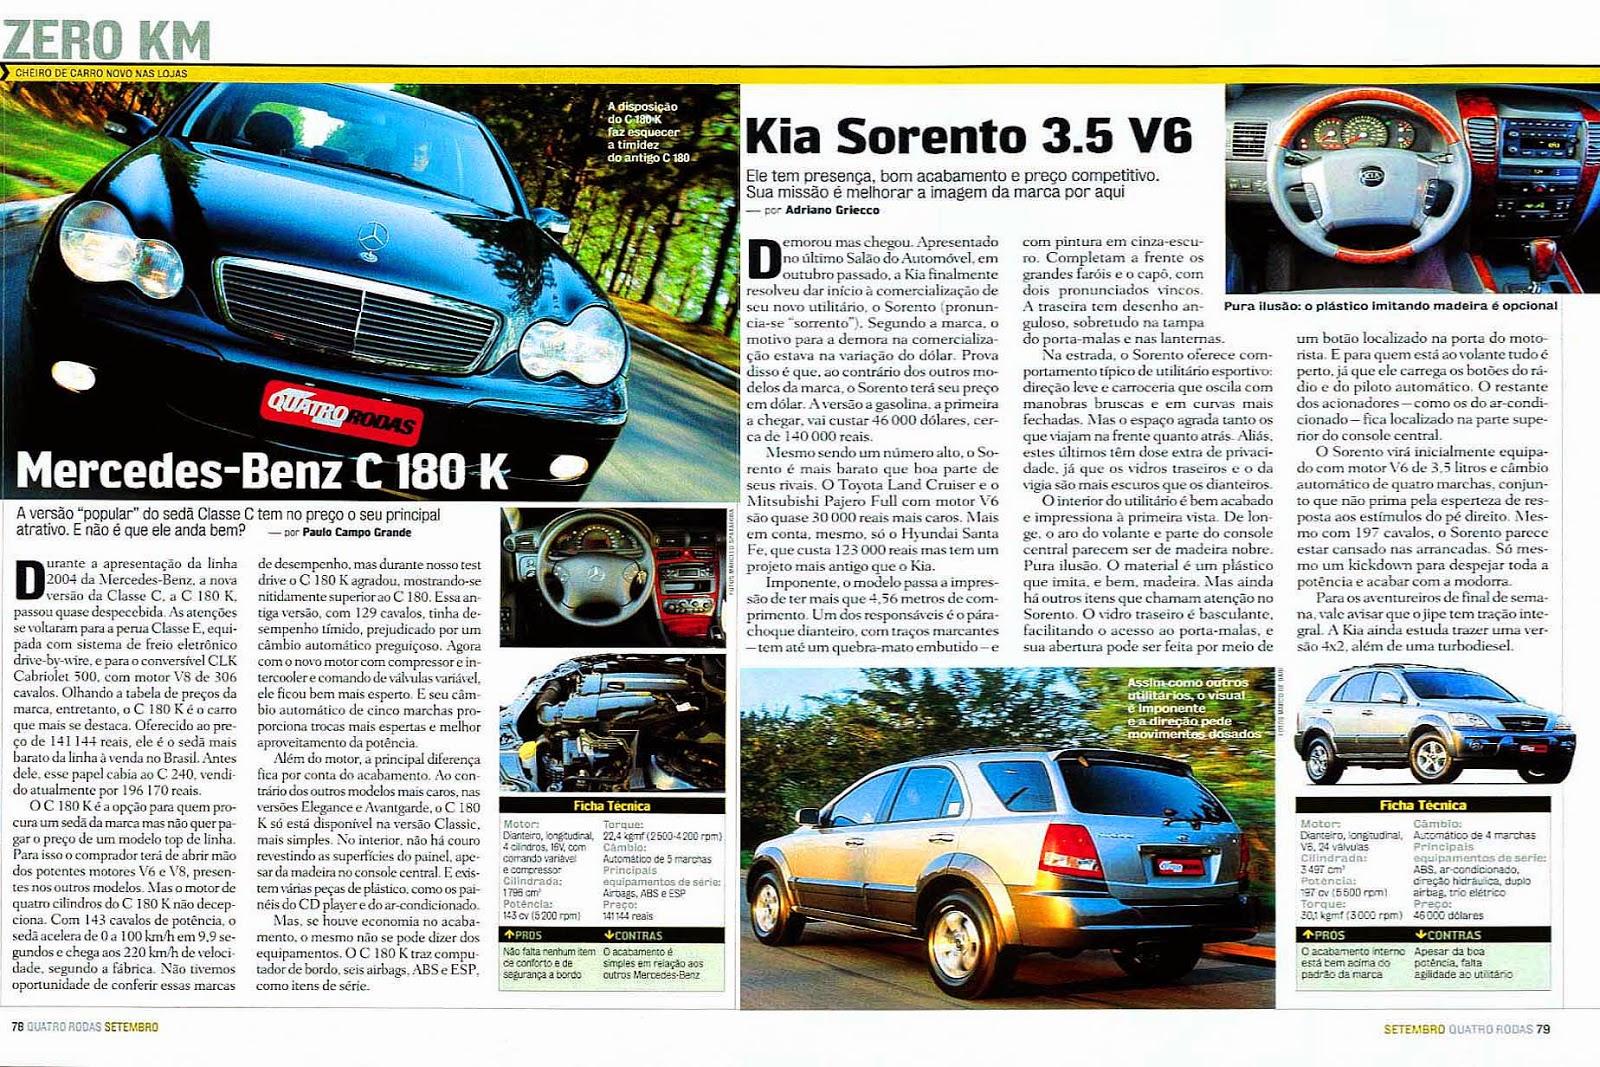 (W203): Avaliação - Revista Quatro Rodas - C180 Kompressor - setembro/2003 518%2C079%2C43%2C09%2CTE